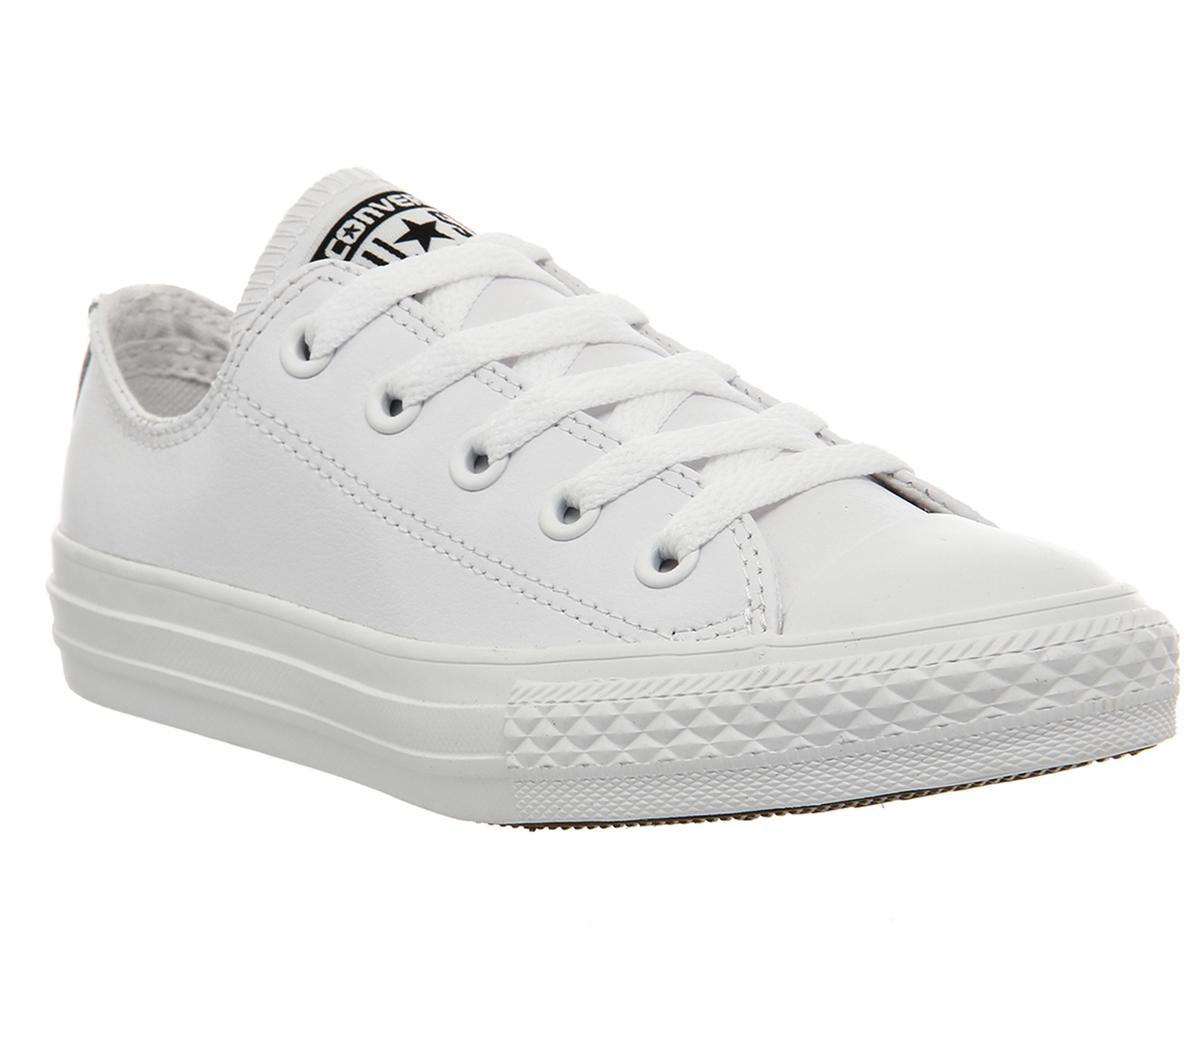 delicadeza Melodrama Pagar tributo  Converse All Star Ox Leather Kids White Mono - Unisex